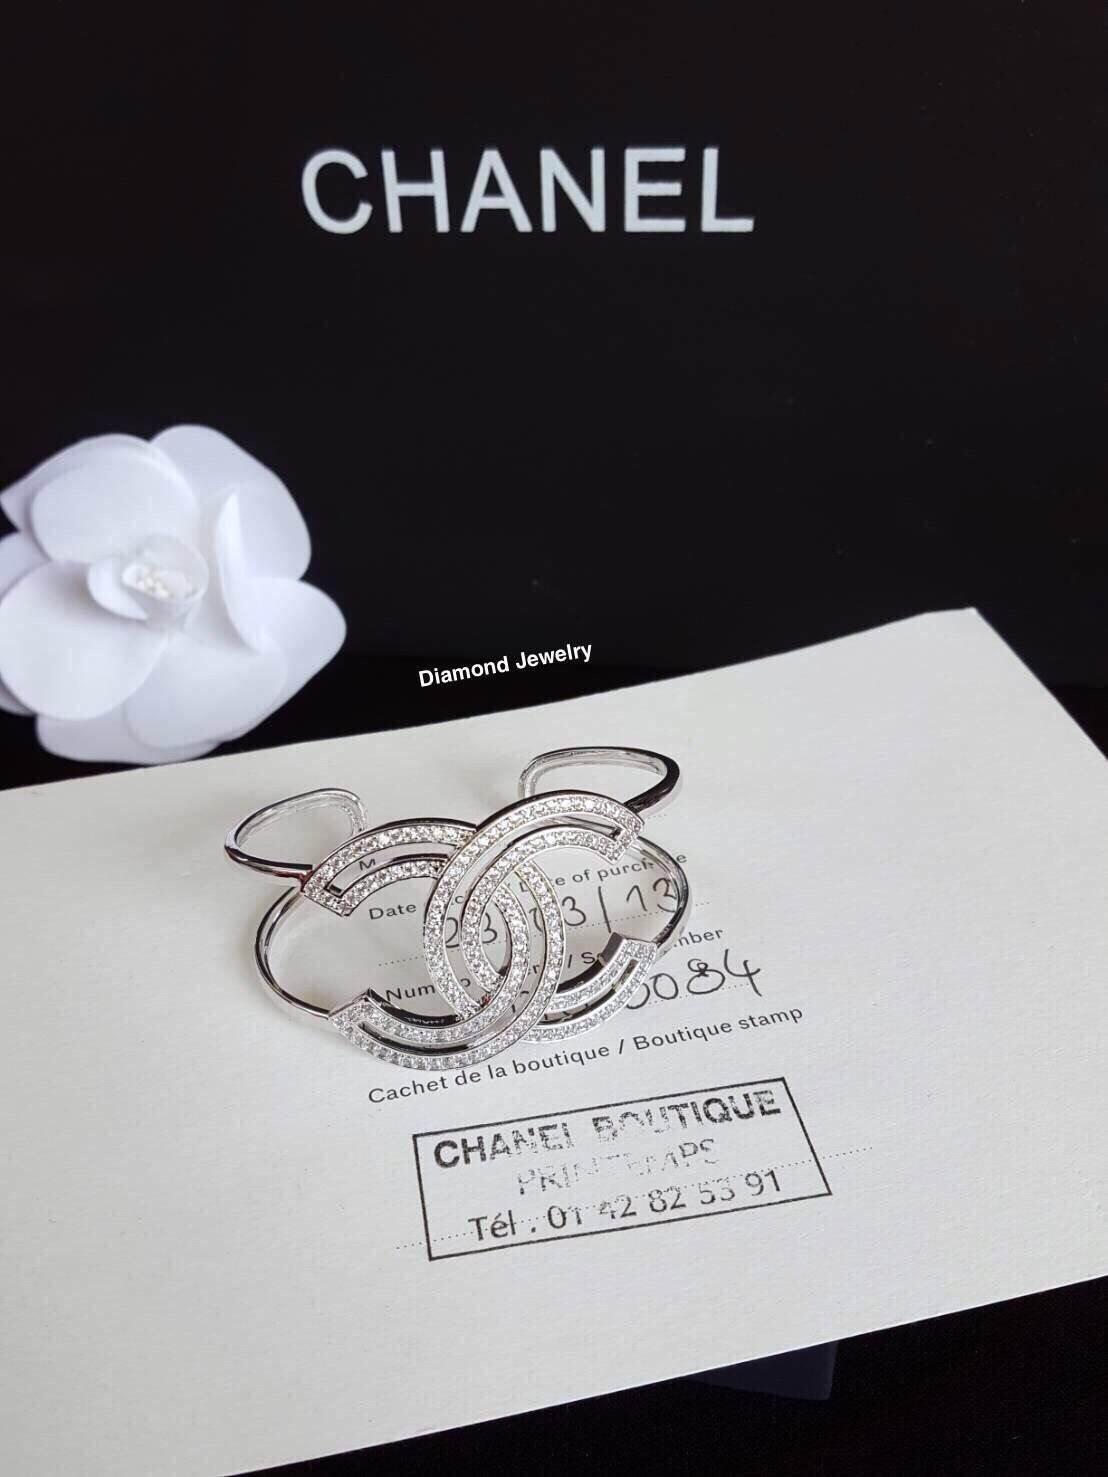 พร้อมส่ง Chanel Diamond Bangle กำไลข้อมือชาแนลงานเพชร CZ